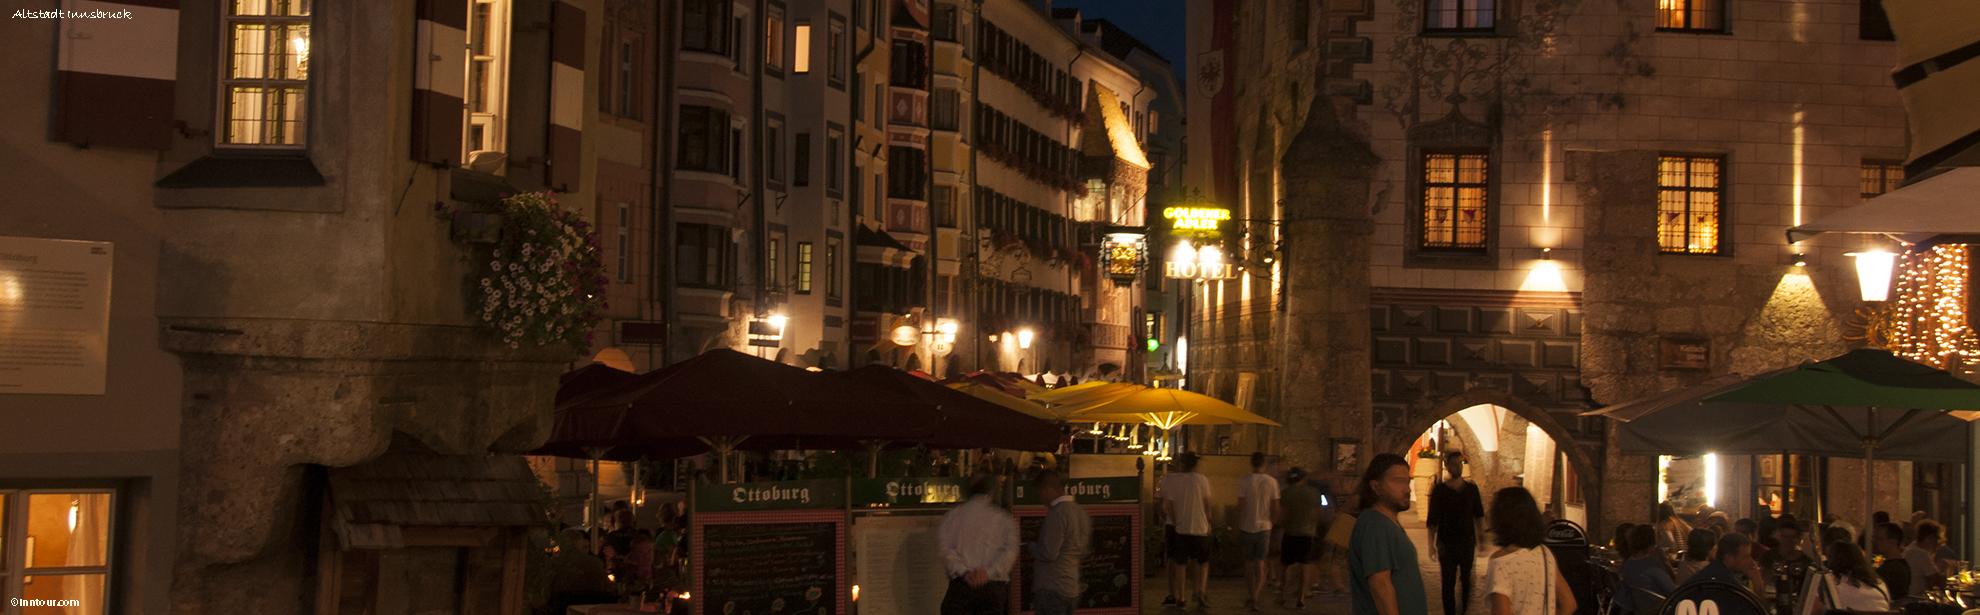 Osportinntour_Innsbruck-Altstadt_DSC_2567